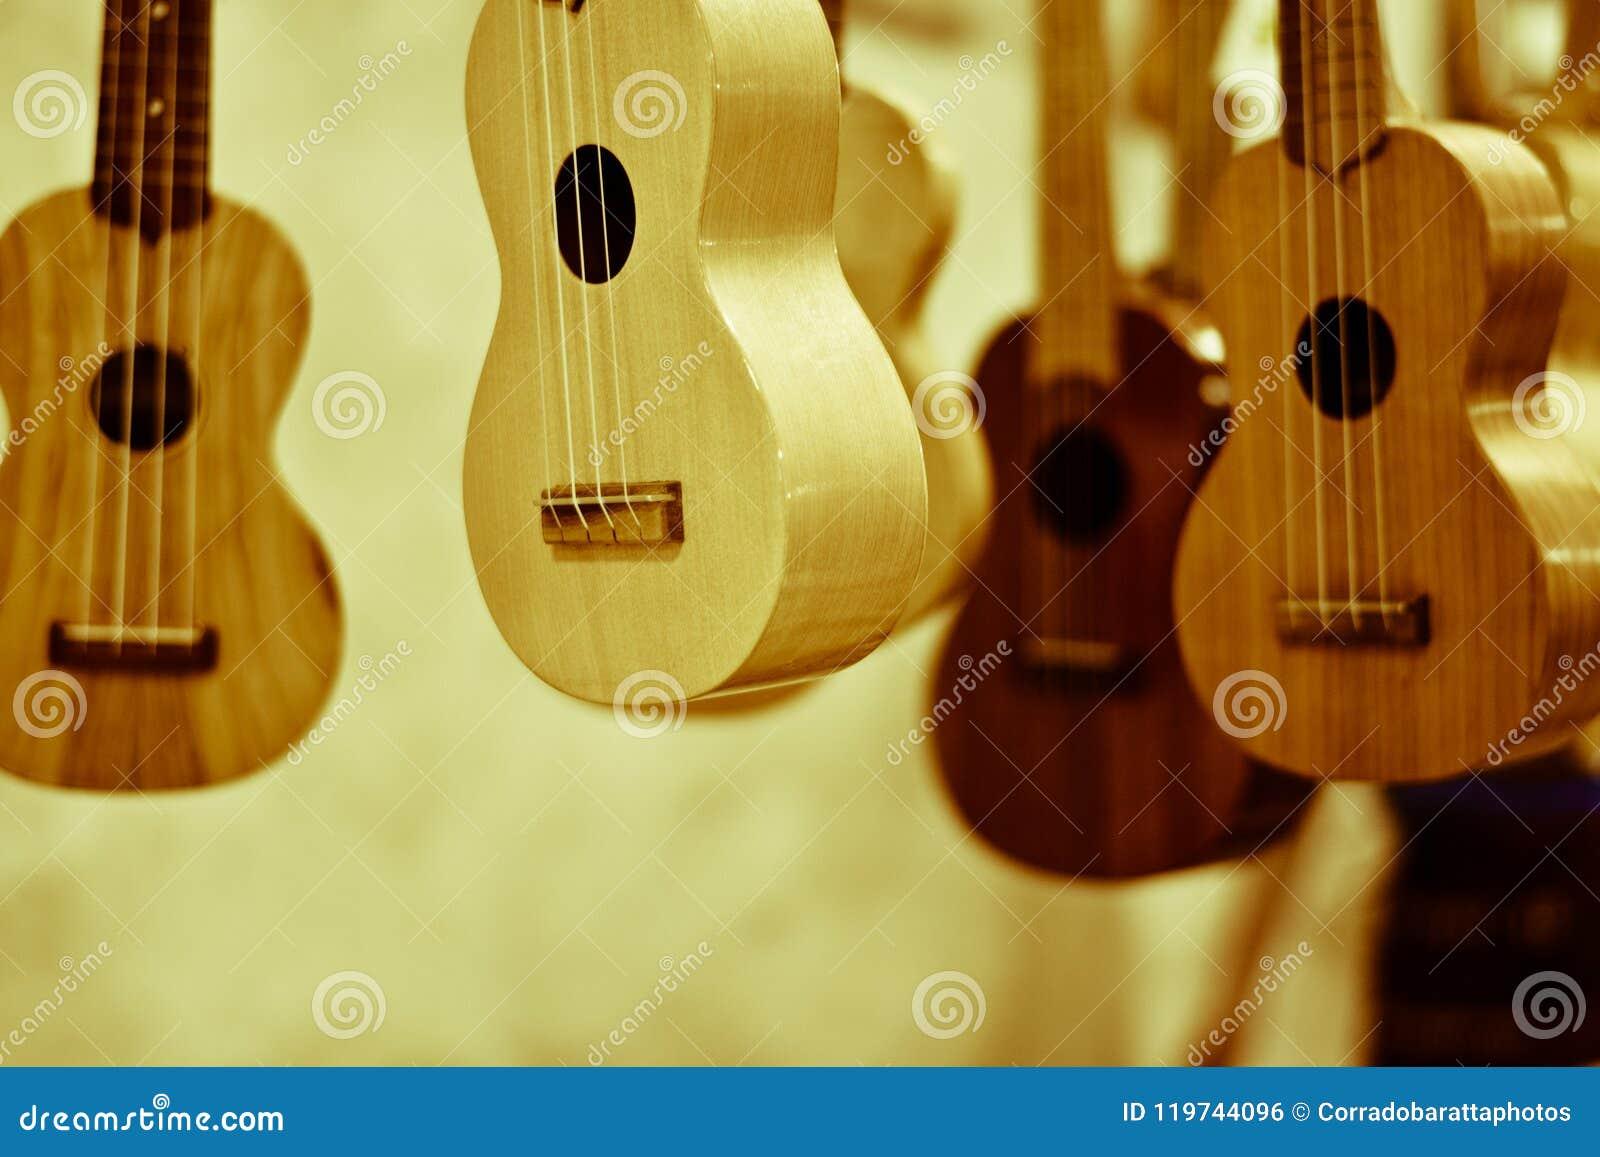 Die Träume von Musik